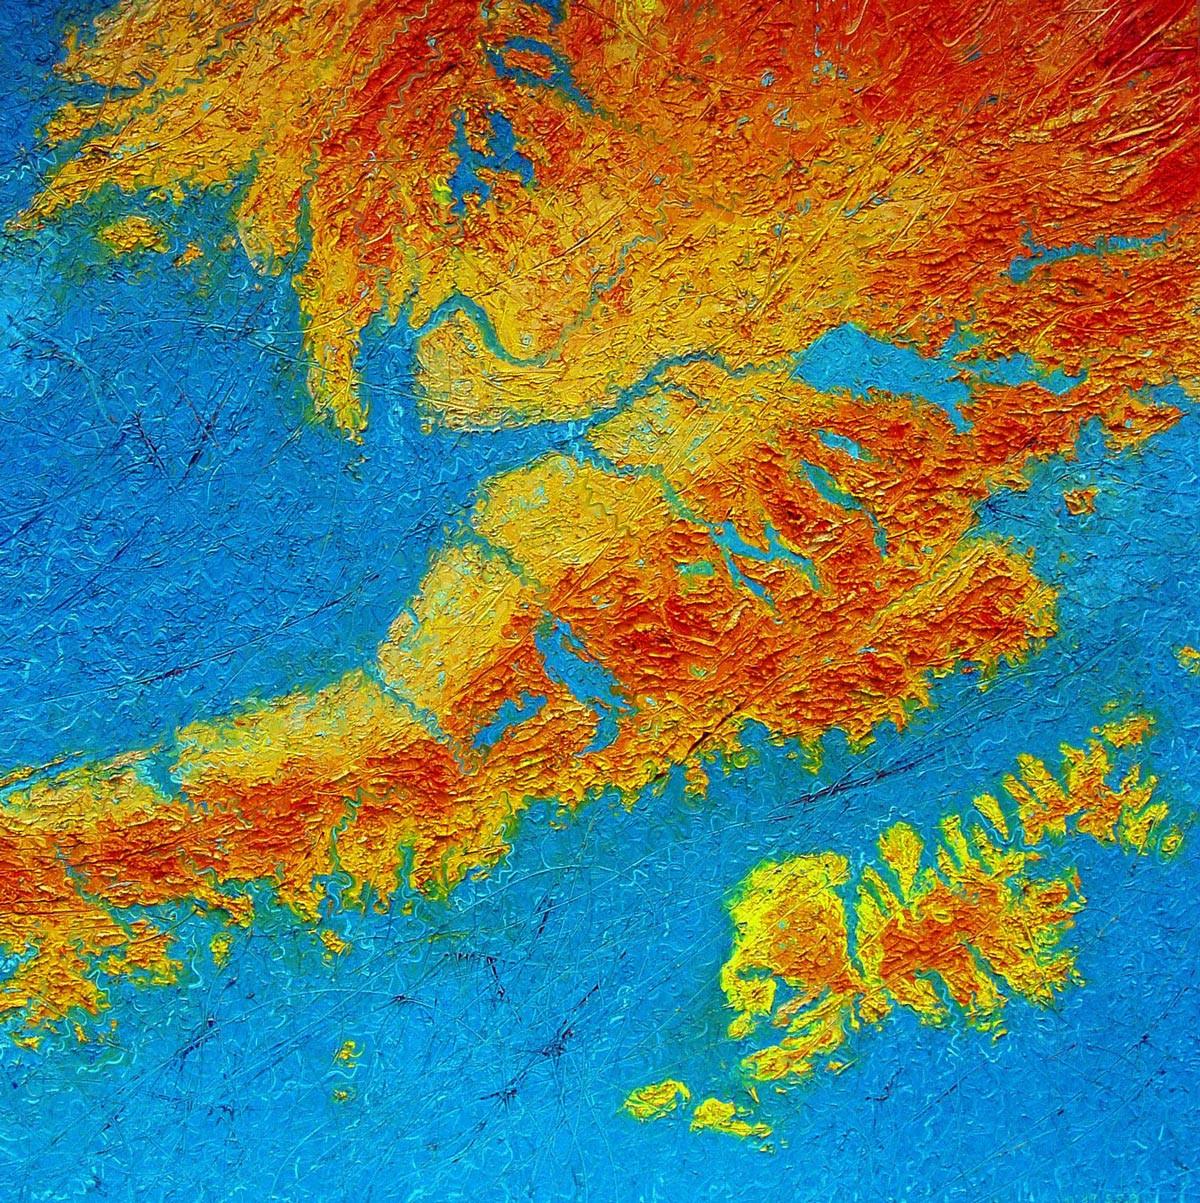 Alaska Peninsula 1989